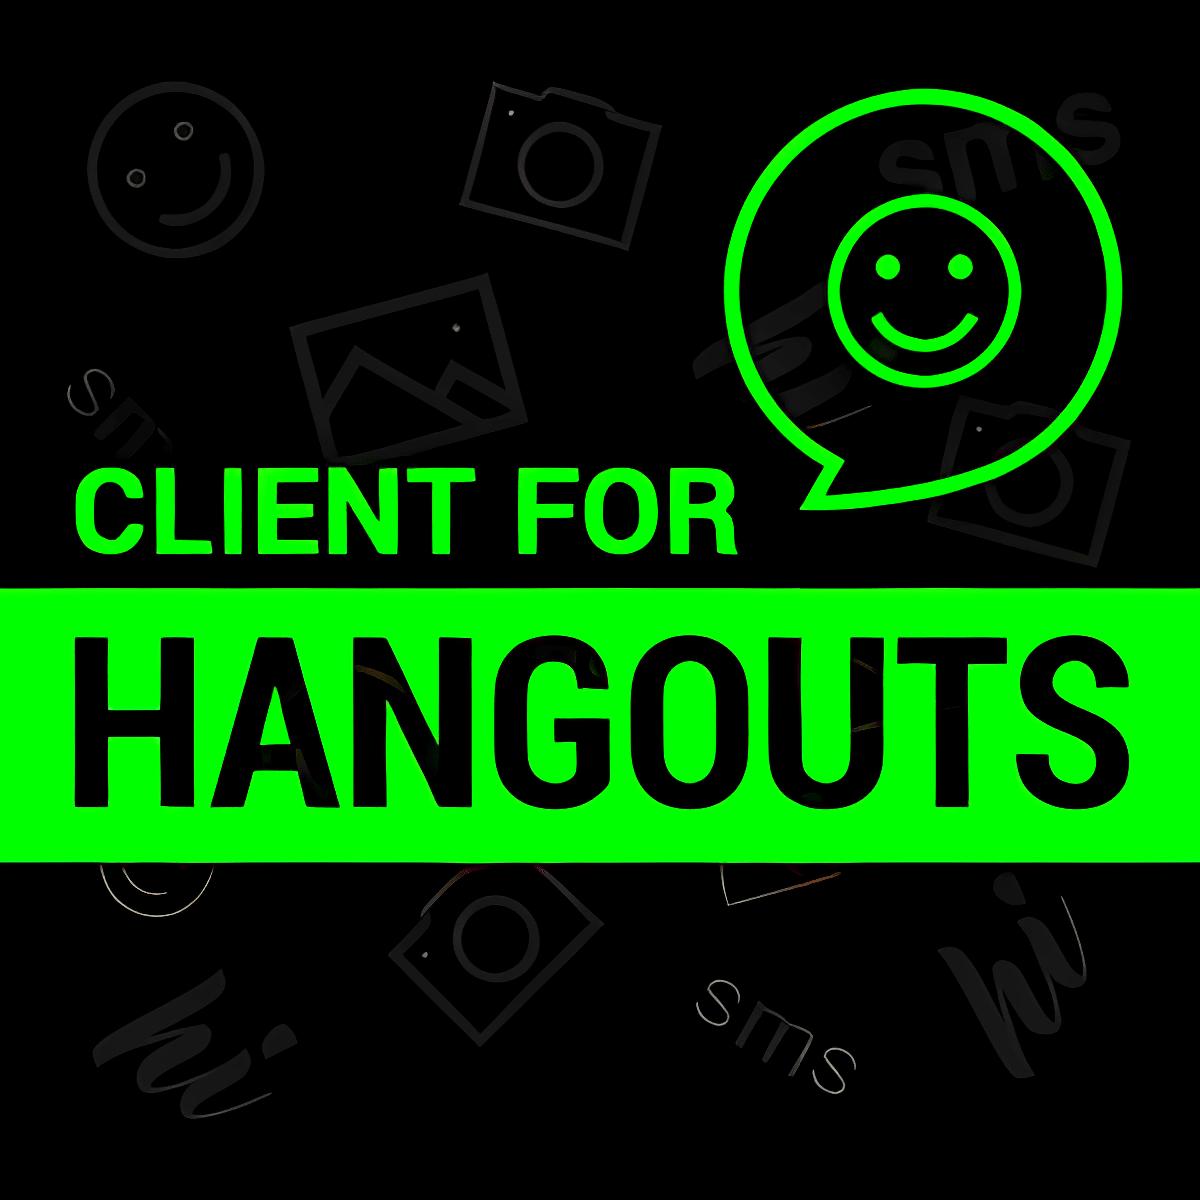 Client for Hangouts 1.0.33.0